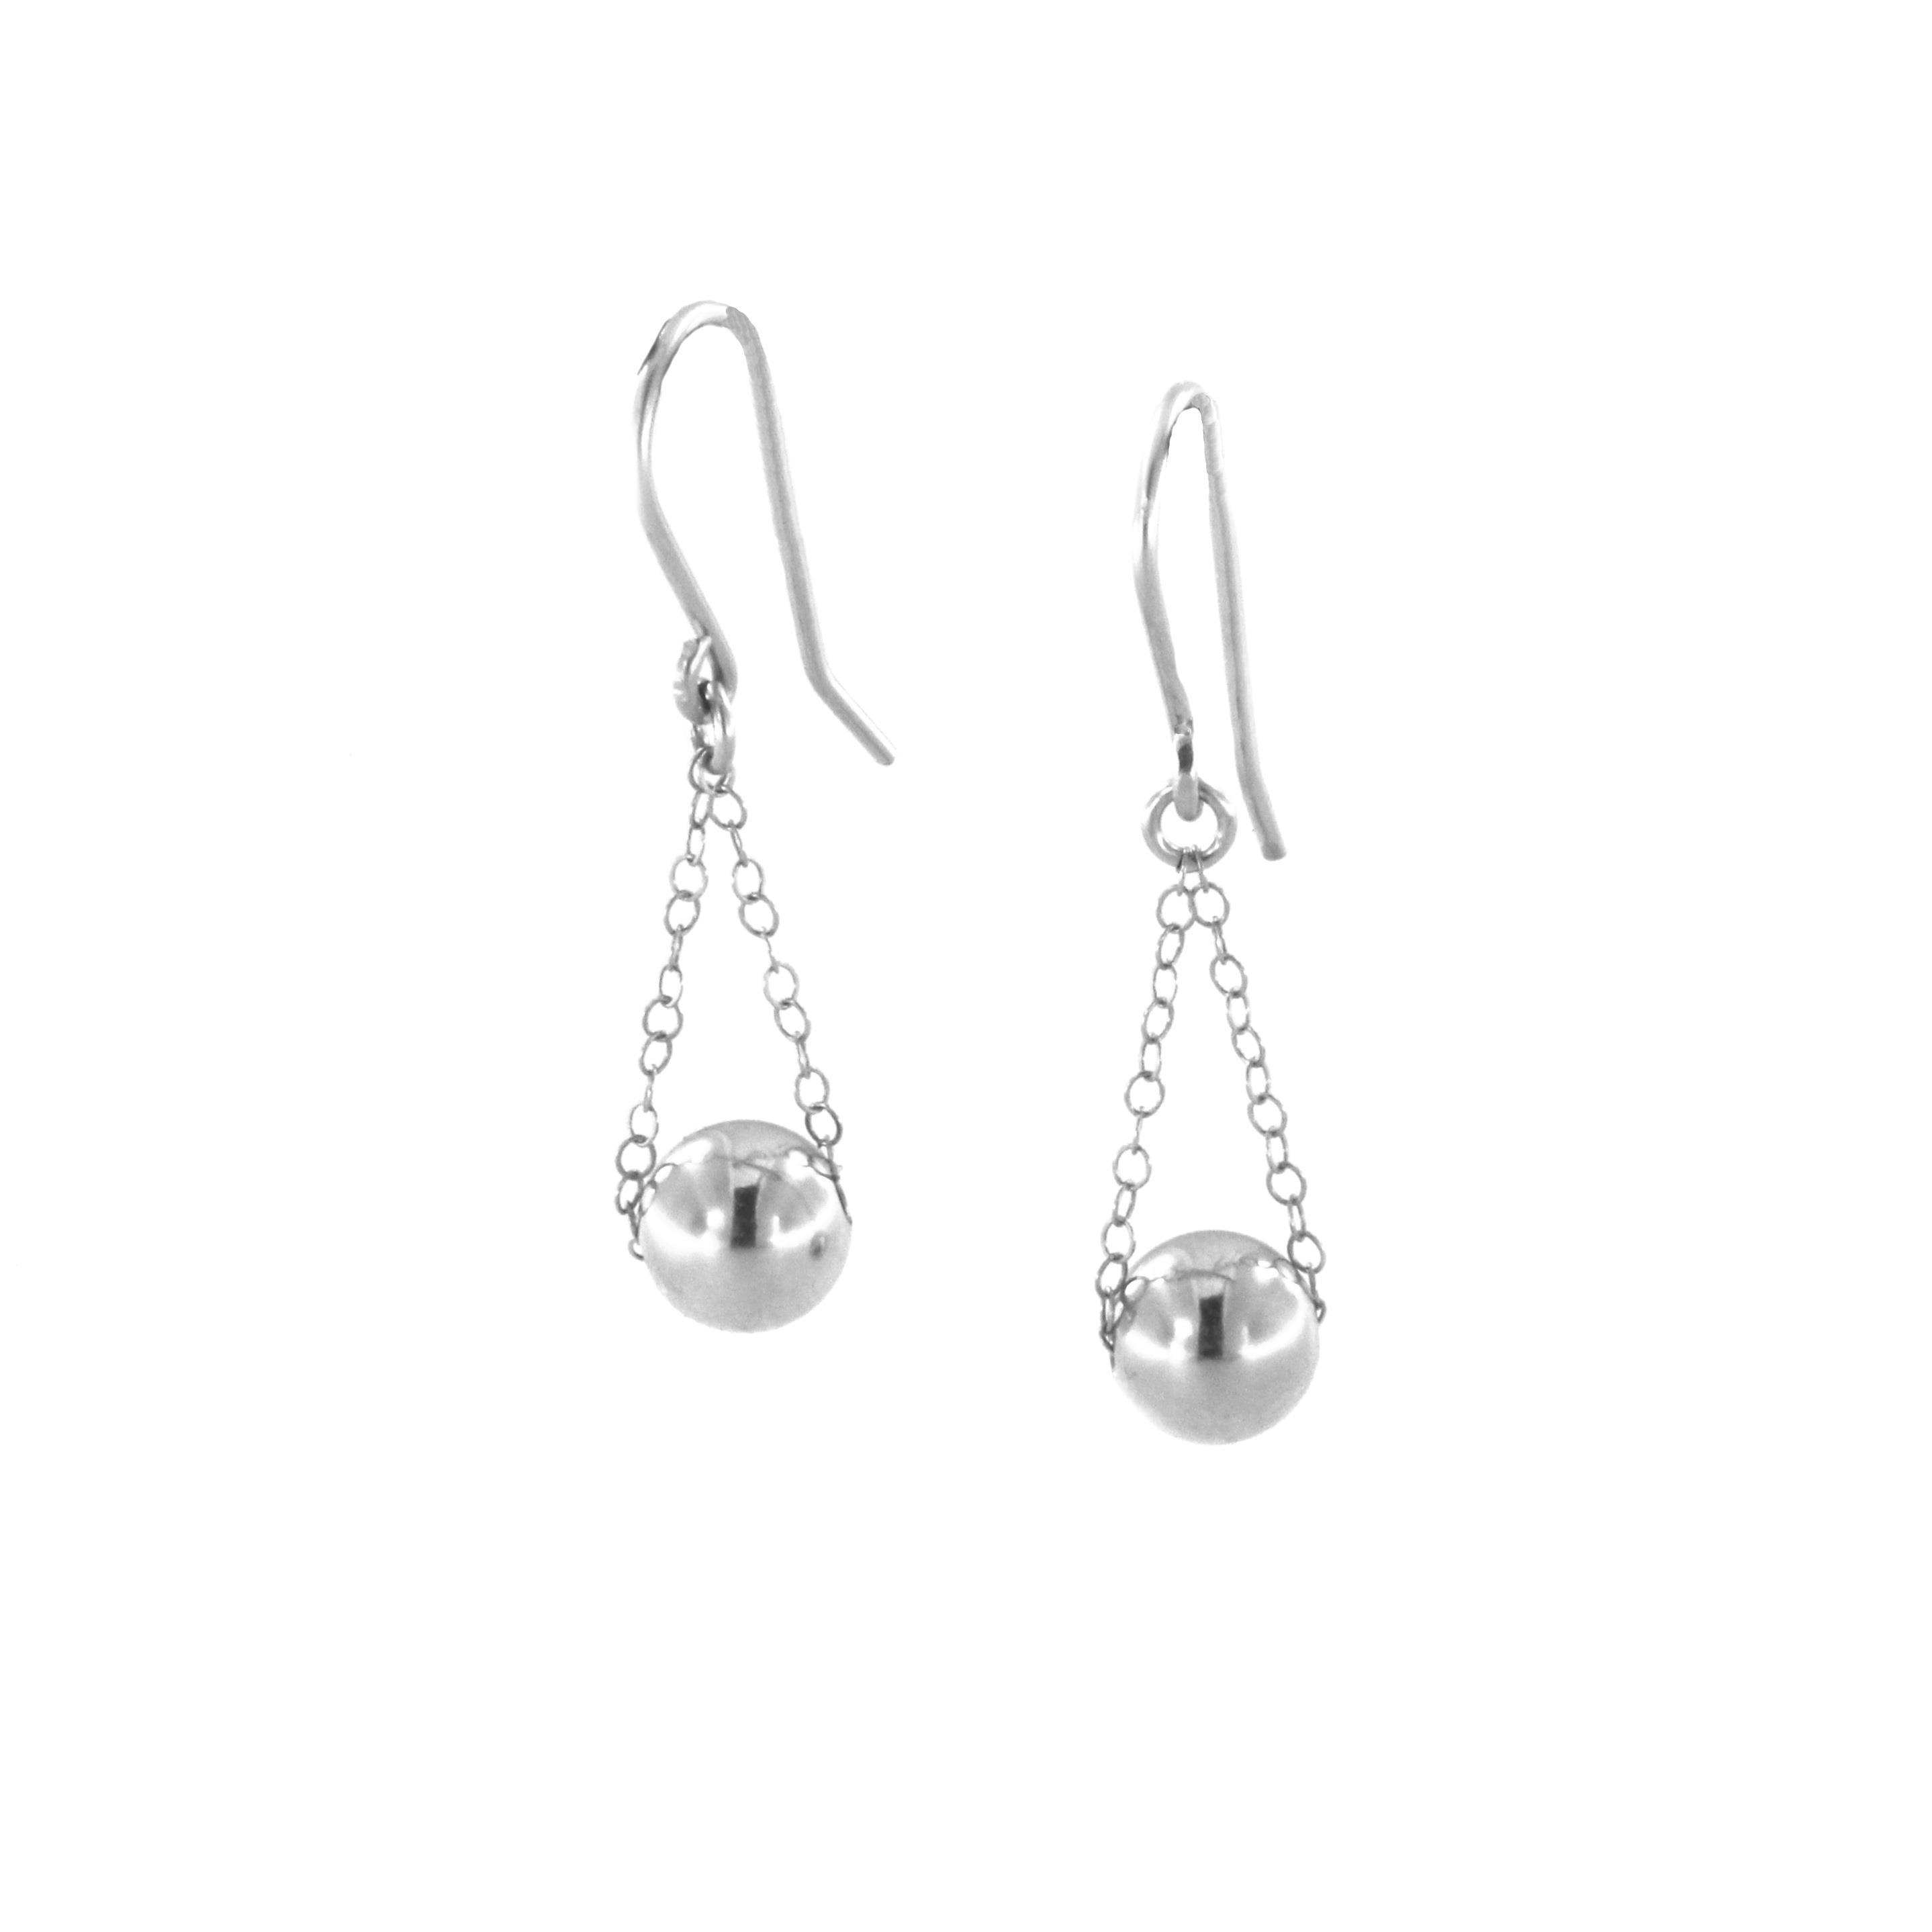 Inspired sterling silver ball earrings